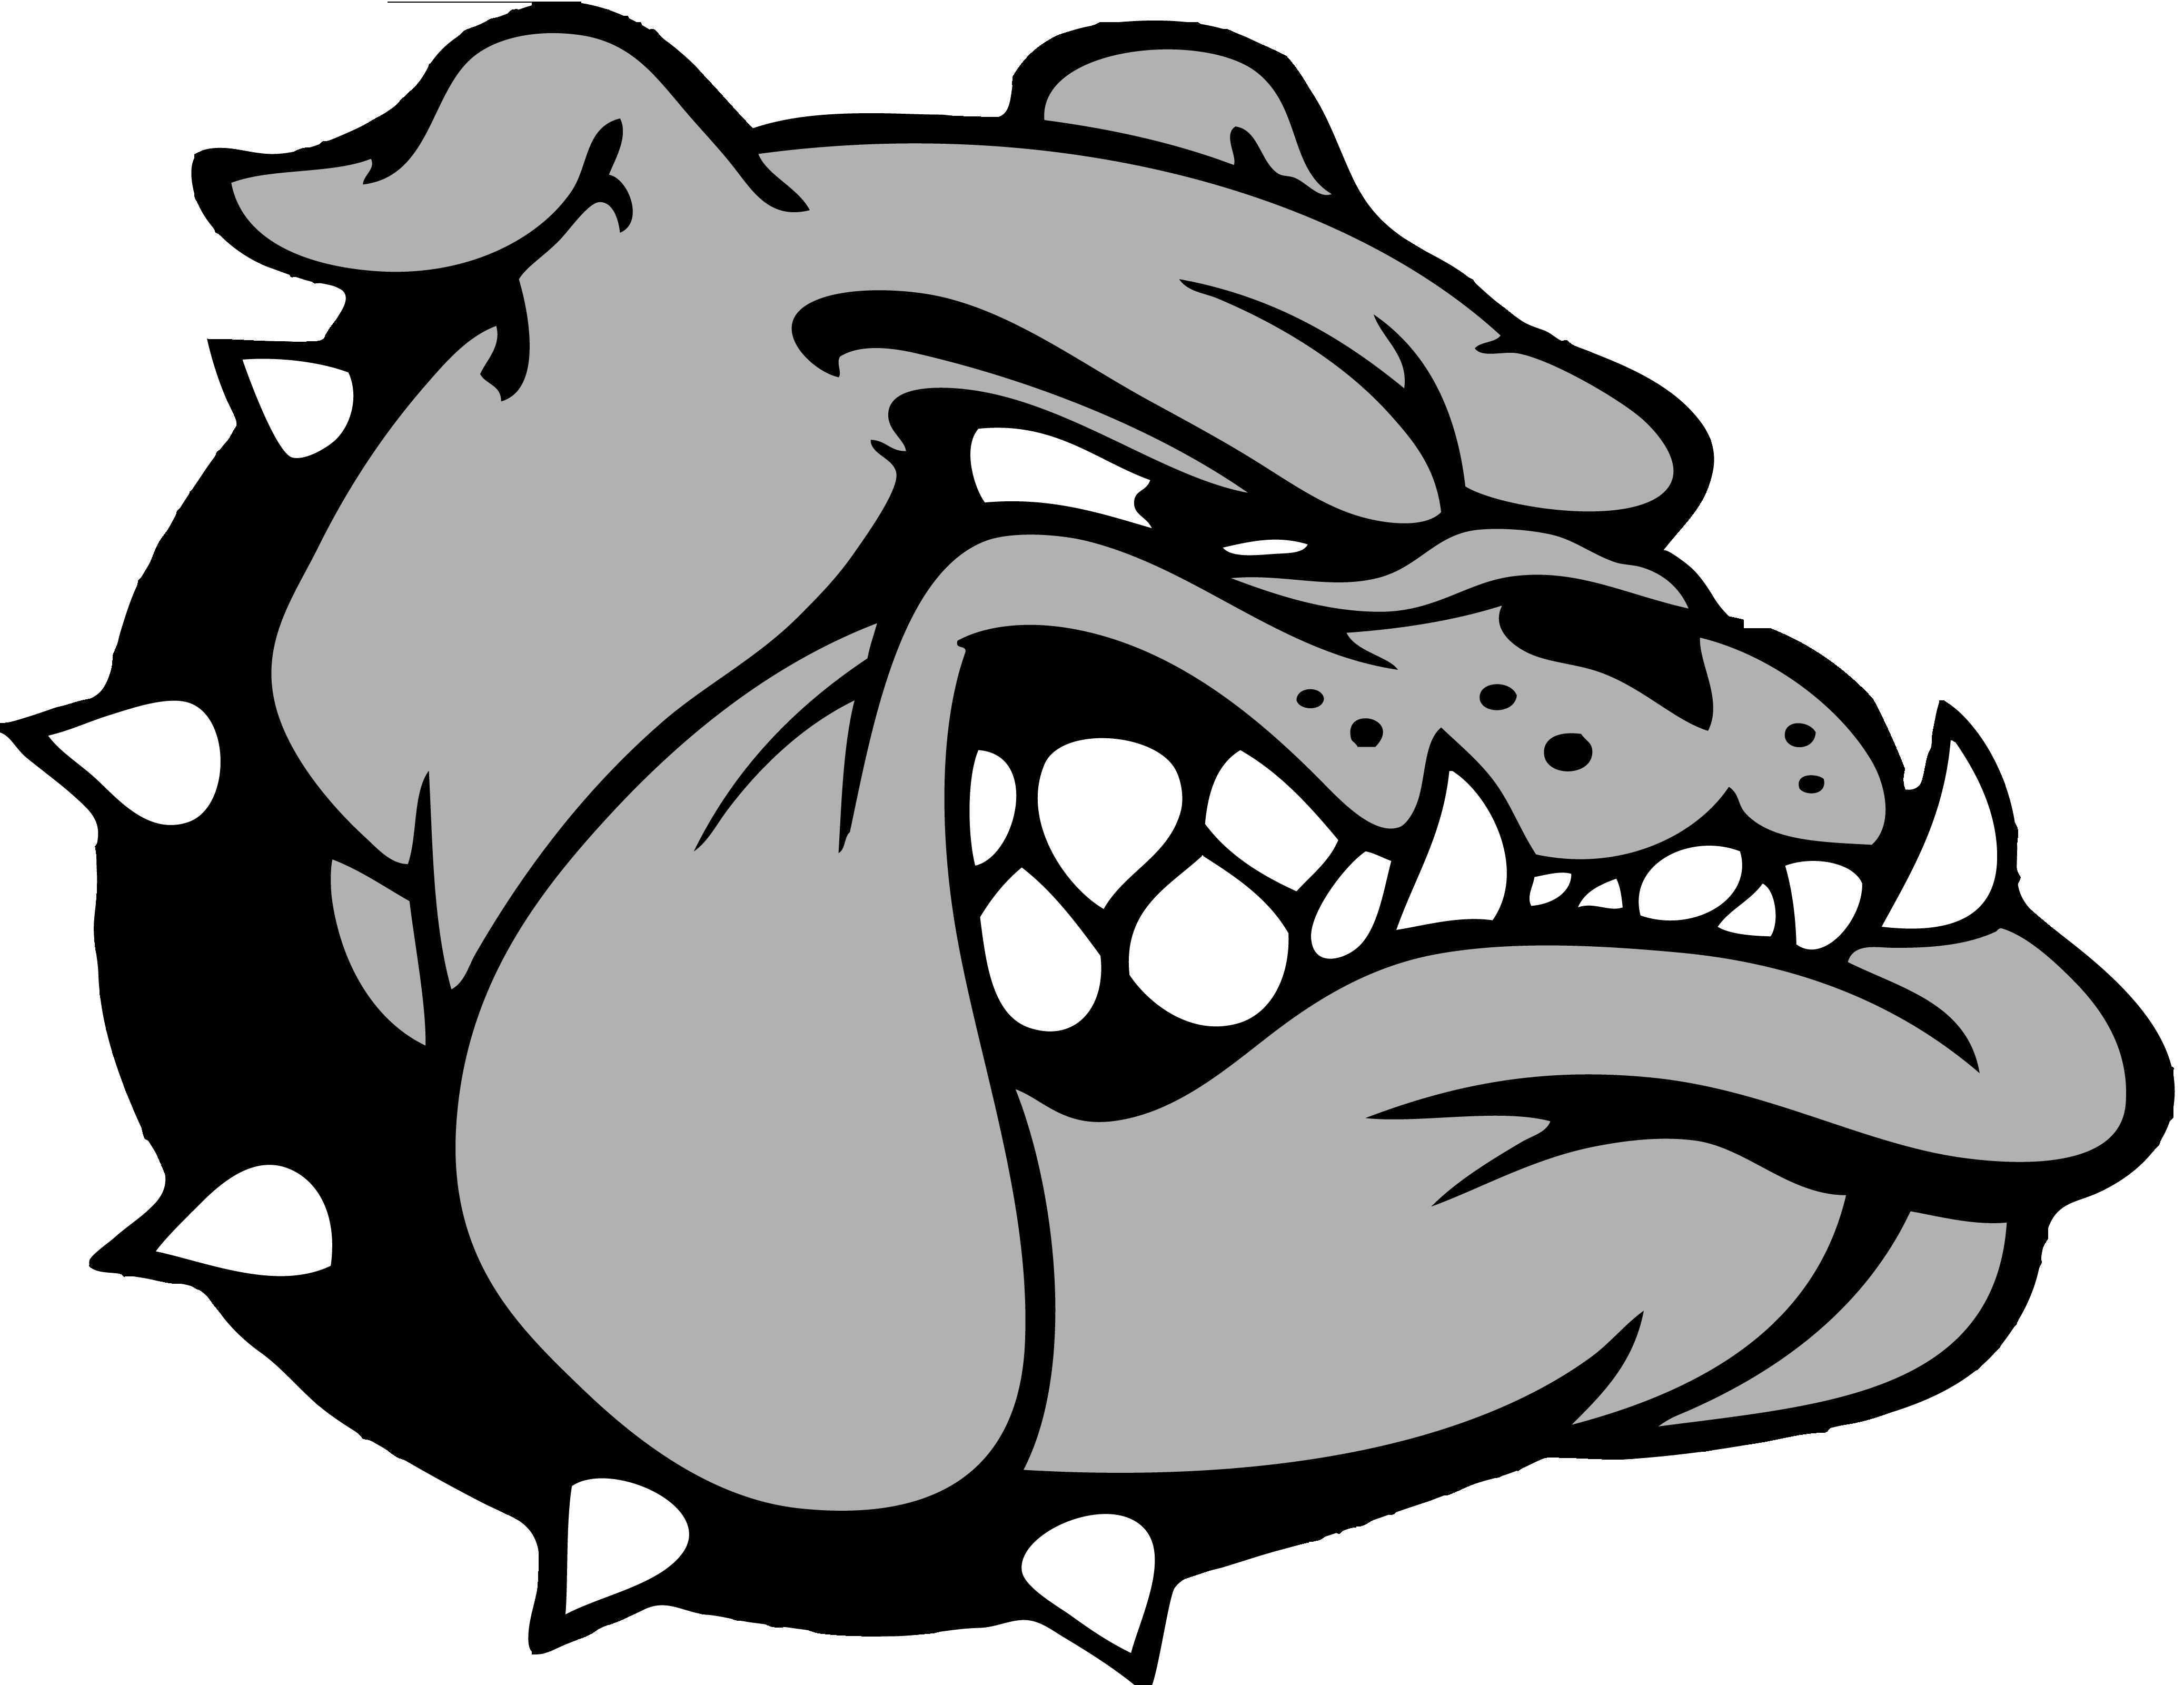 Bulldog Logos